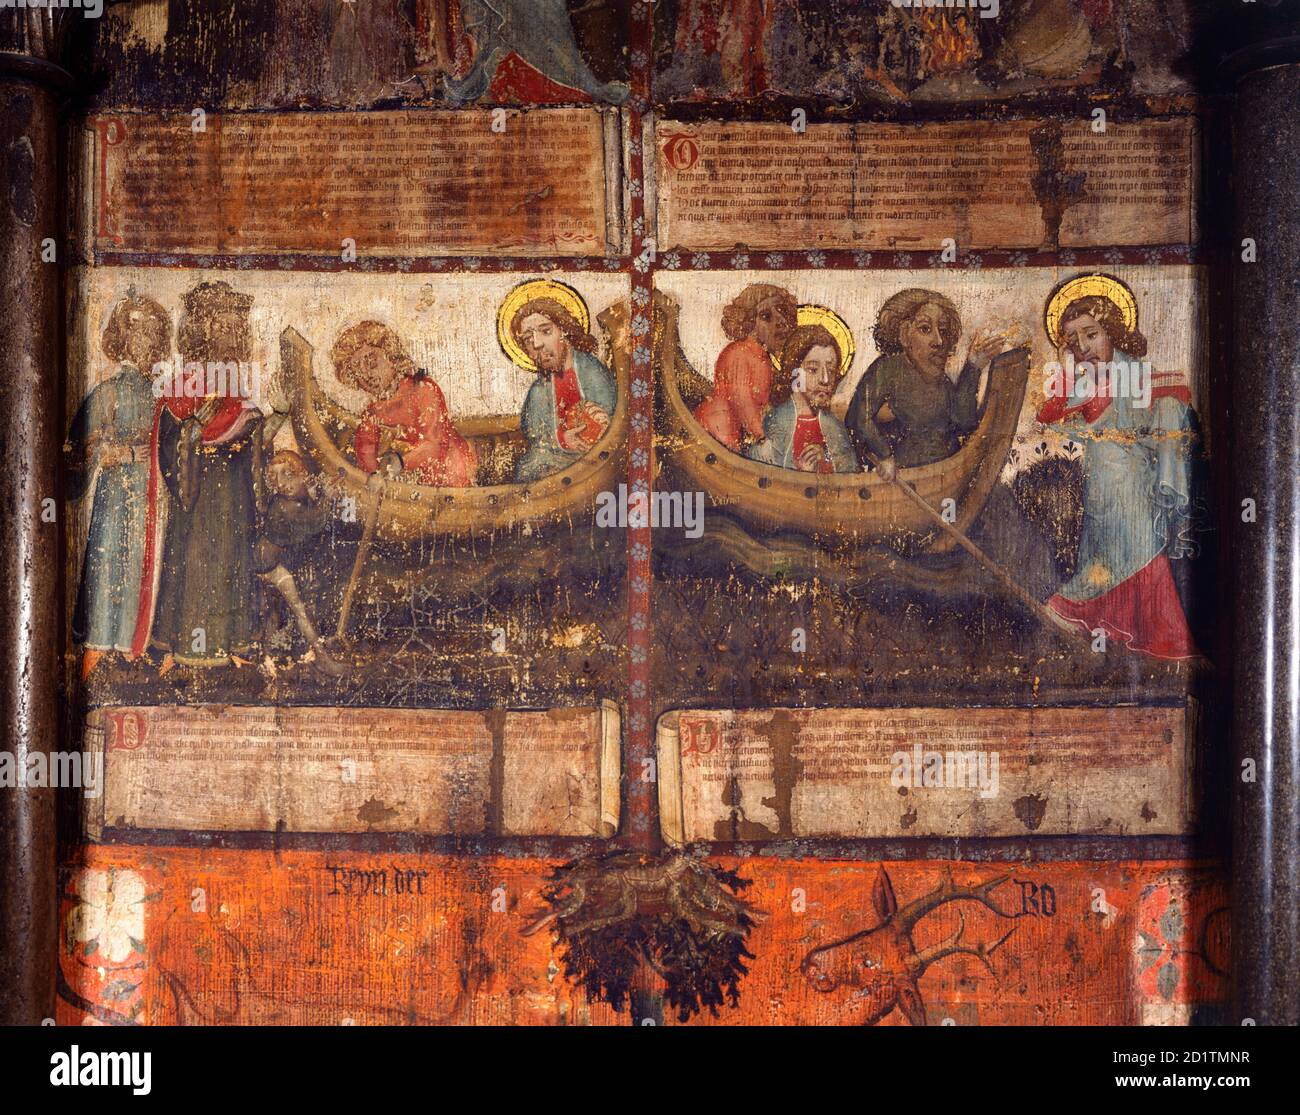 Pittura Murale Medievale Del Xiii Secolo Immagini E Fotos Stock Alamy